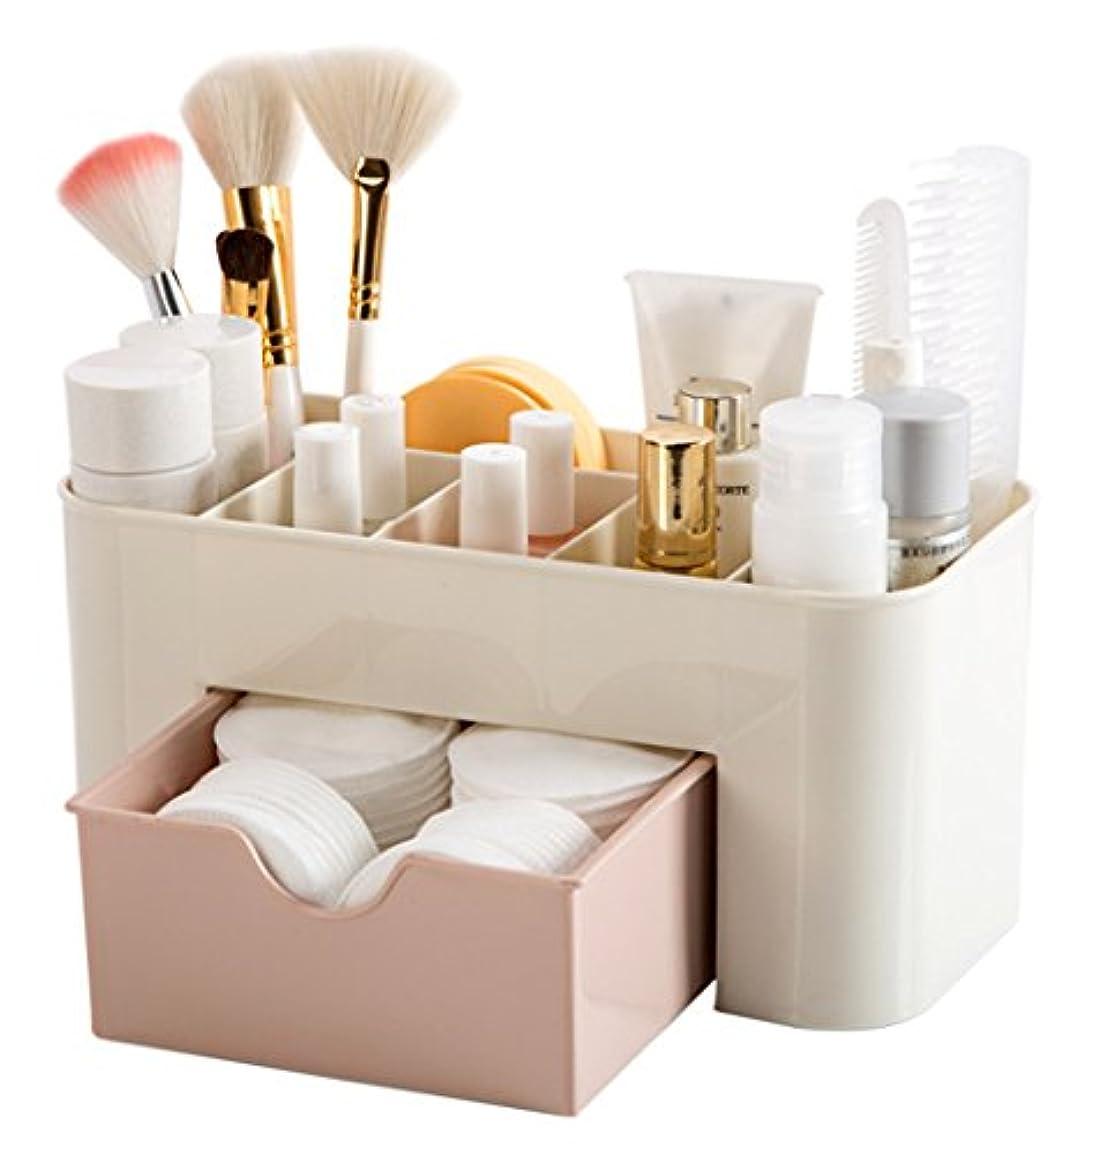 お別れサービスアコーZUOMA メークボックス 化粧品収納ボックス コスメスタンド 引き出し式 メークケース 小物/化粧品入れ コスメ収納 透明アクリル 大容量 (ピンク、22*10*10.3CM)